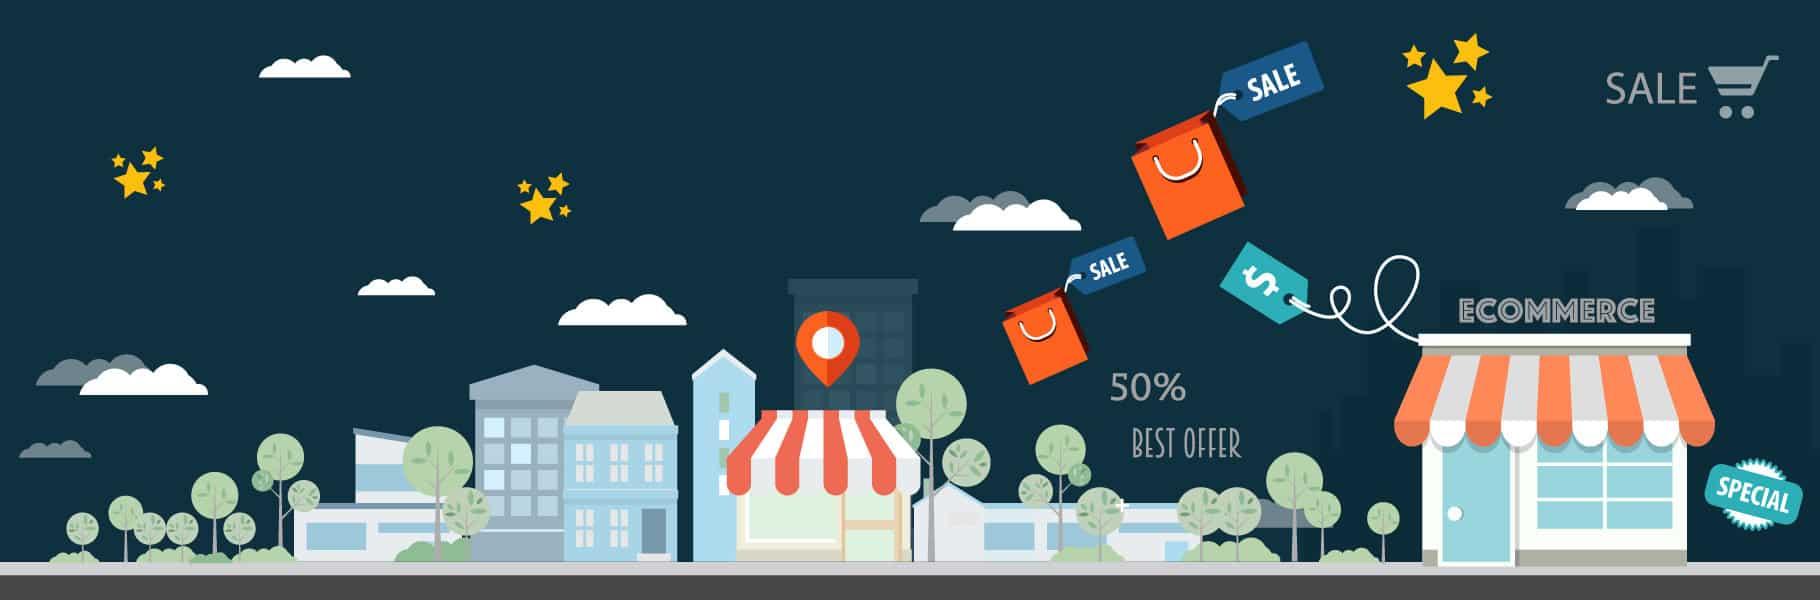 Venda más por internet: ideas para ello